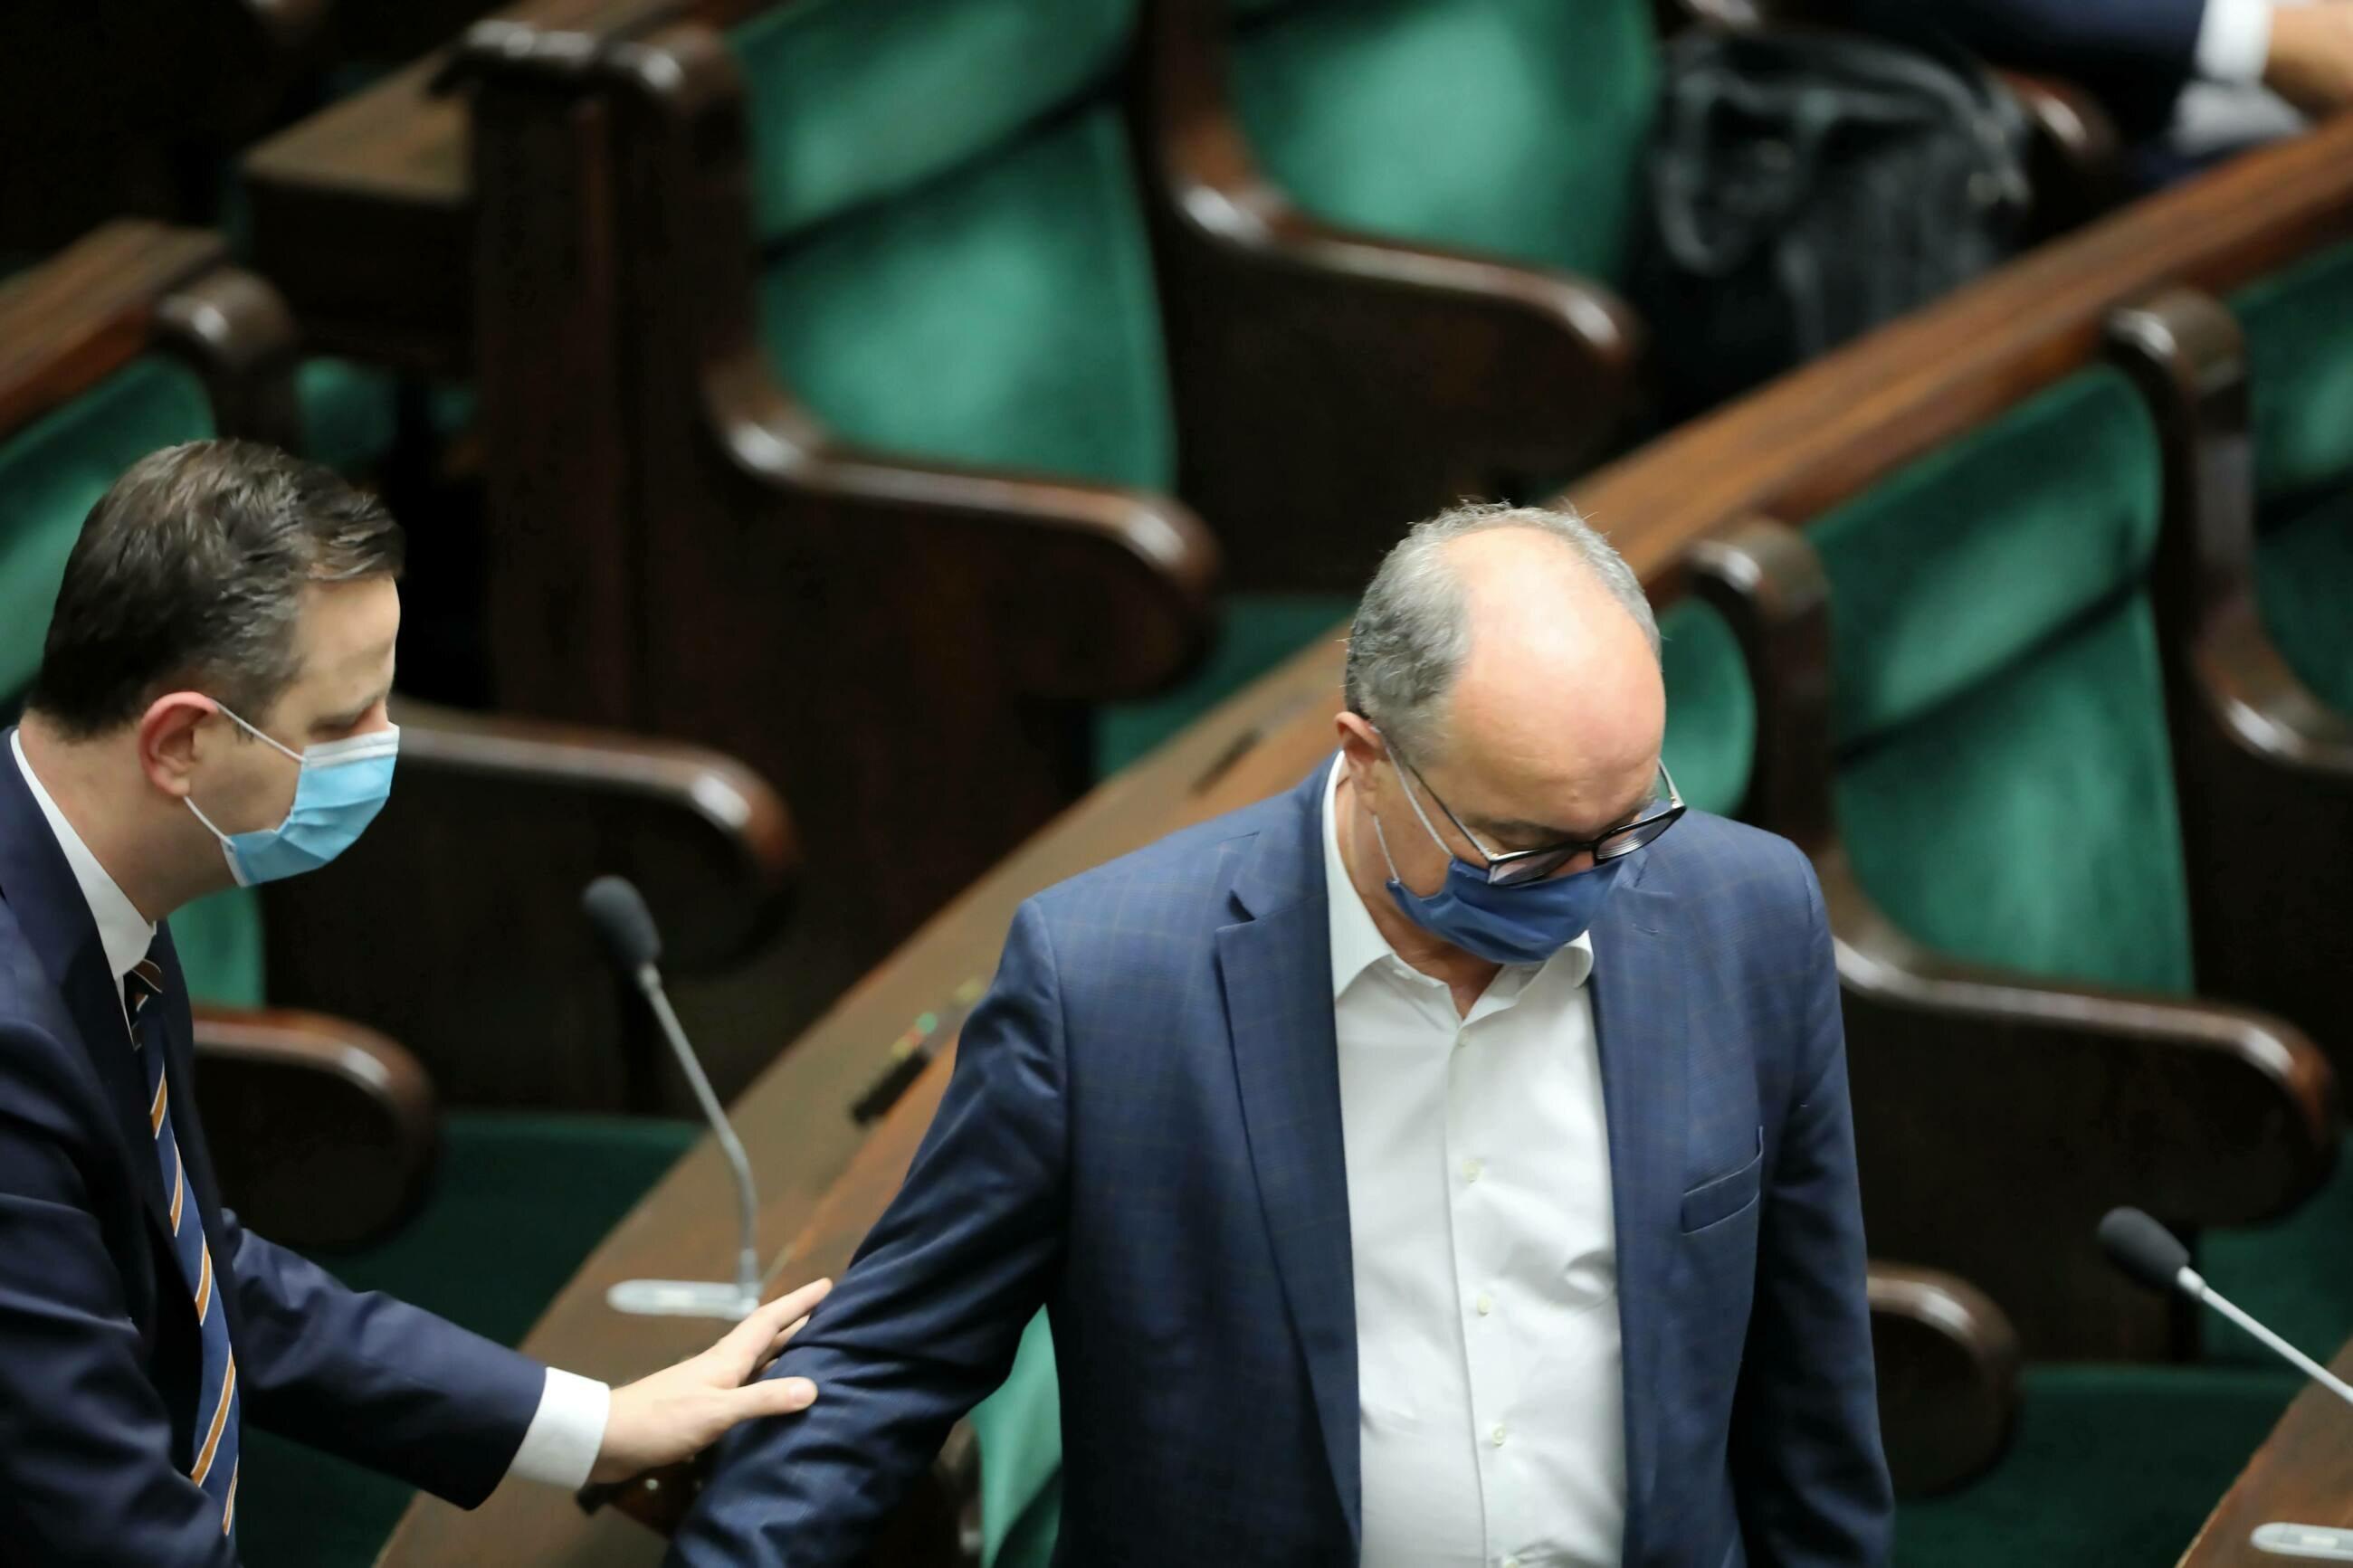 Prezes PSL Władysław Kosiniak-Kamysz (L) i wicemarszałek Sejmu Włodzimierz Czarzasty na sali sejmowej.